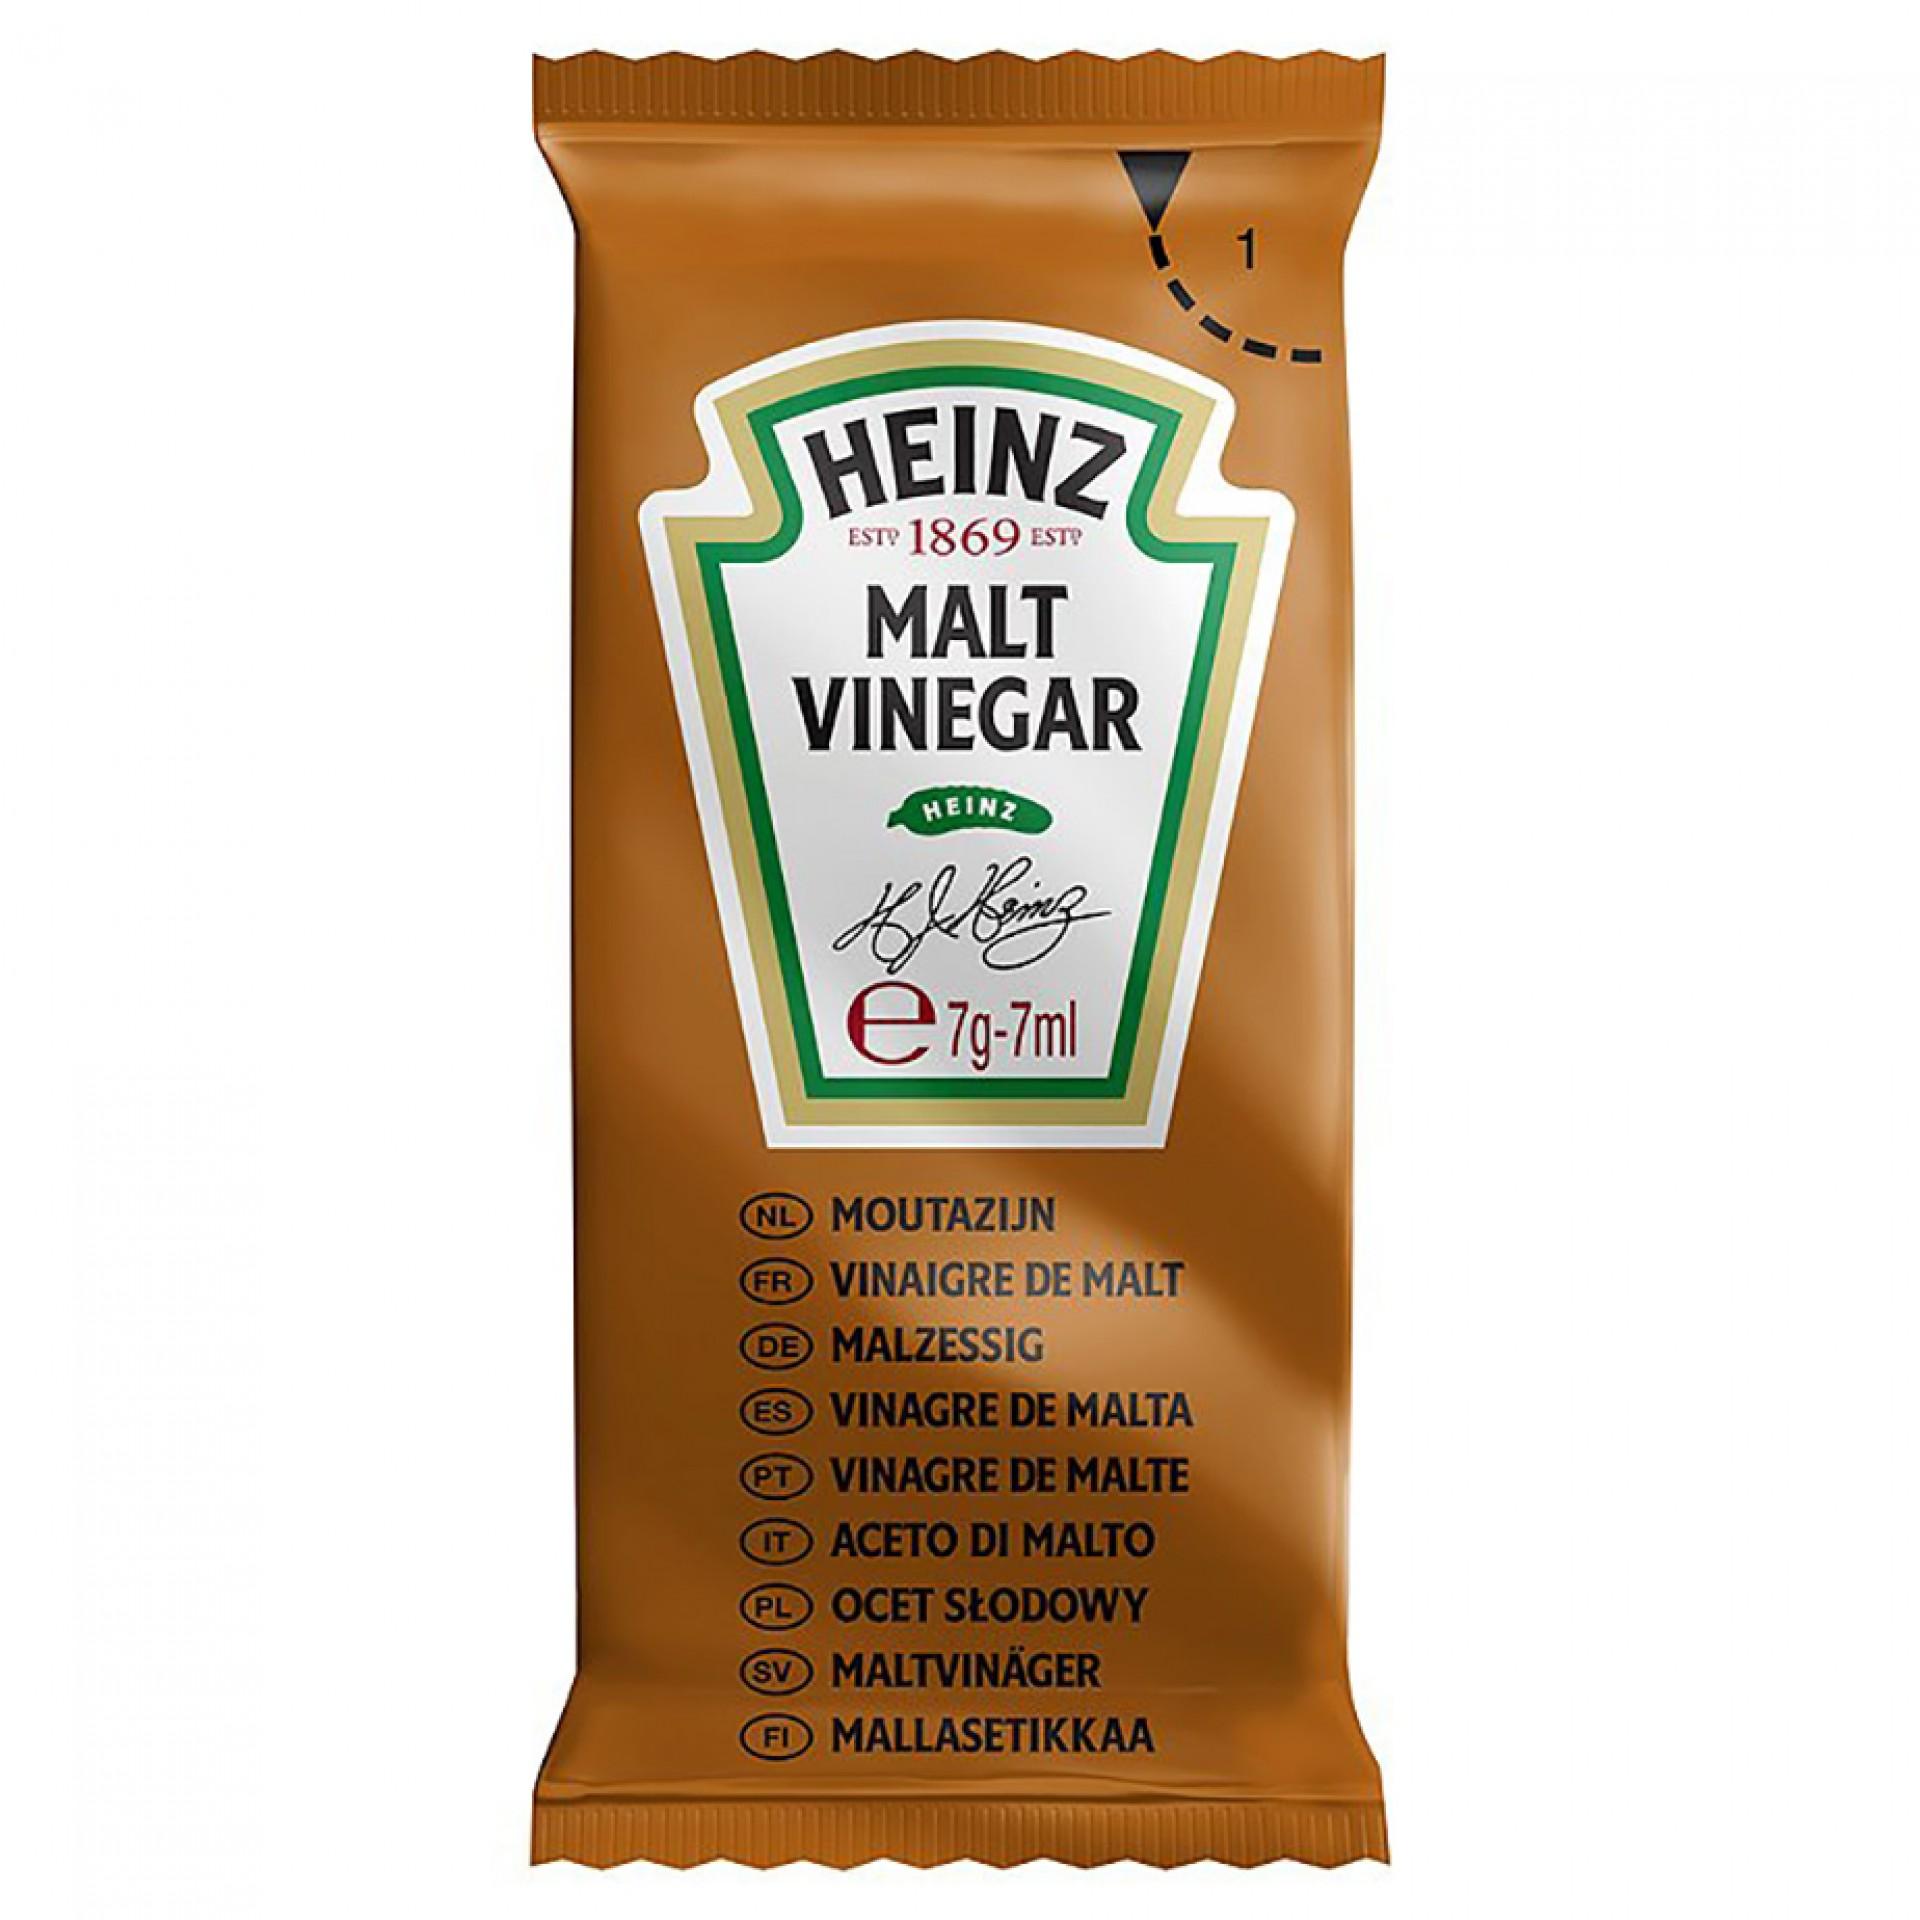 Heinz Malt Vinegar (Sachets)